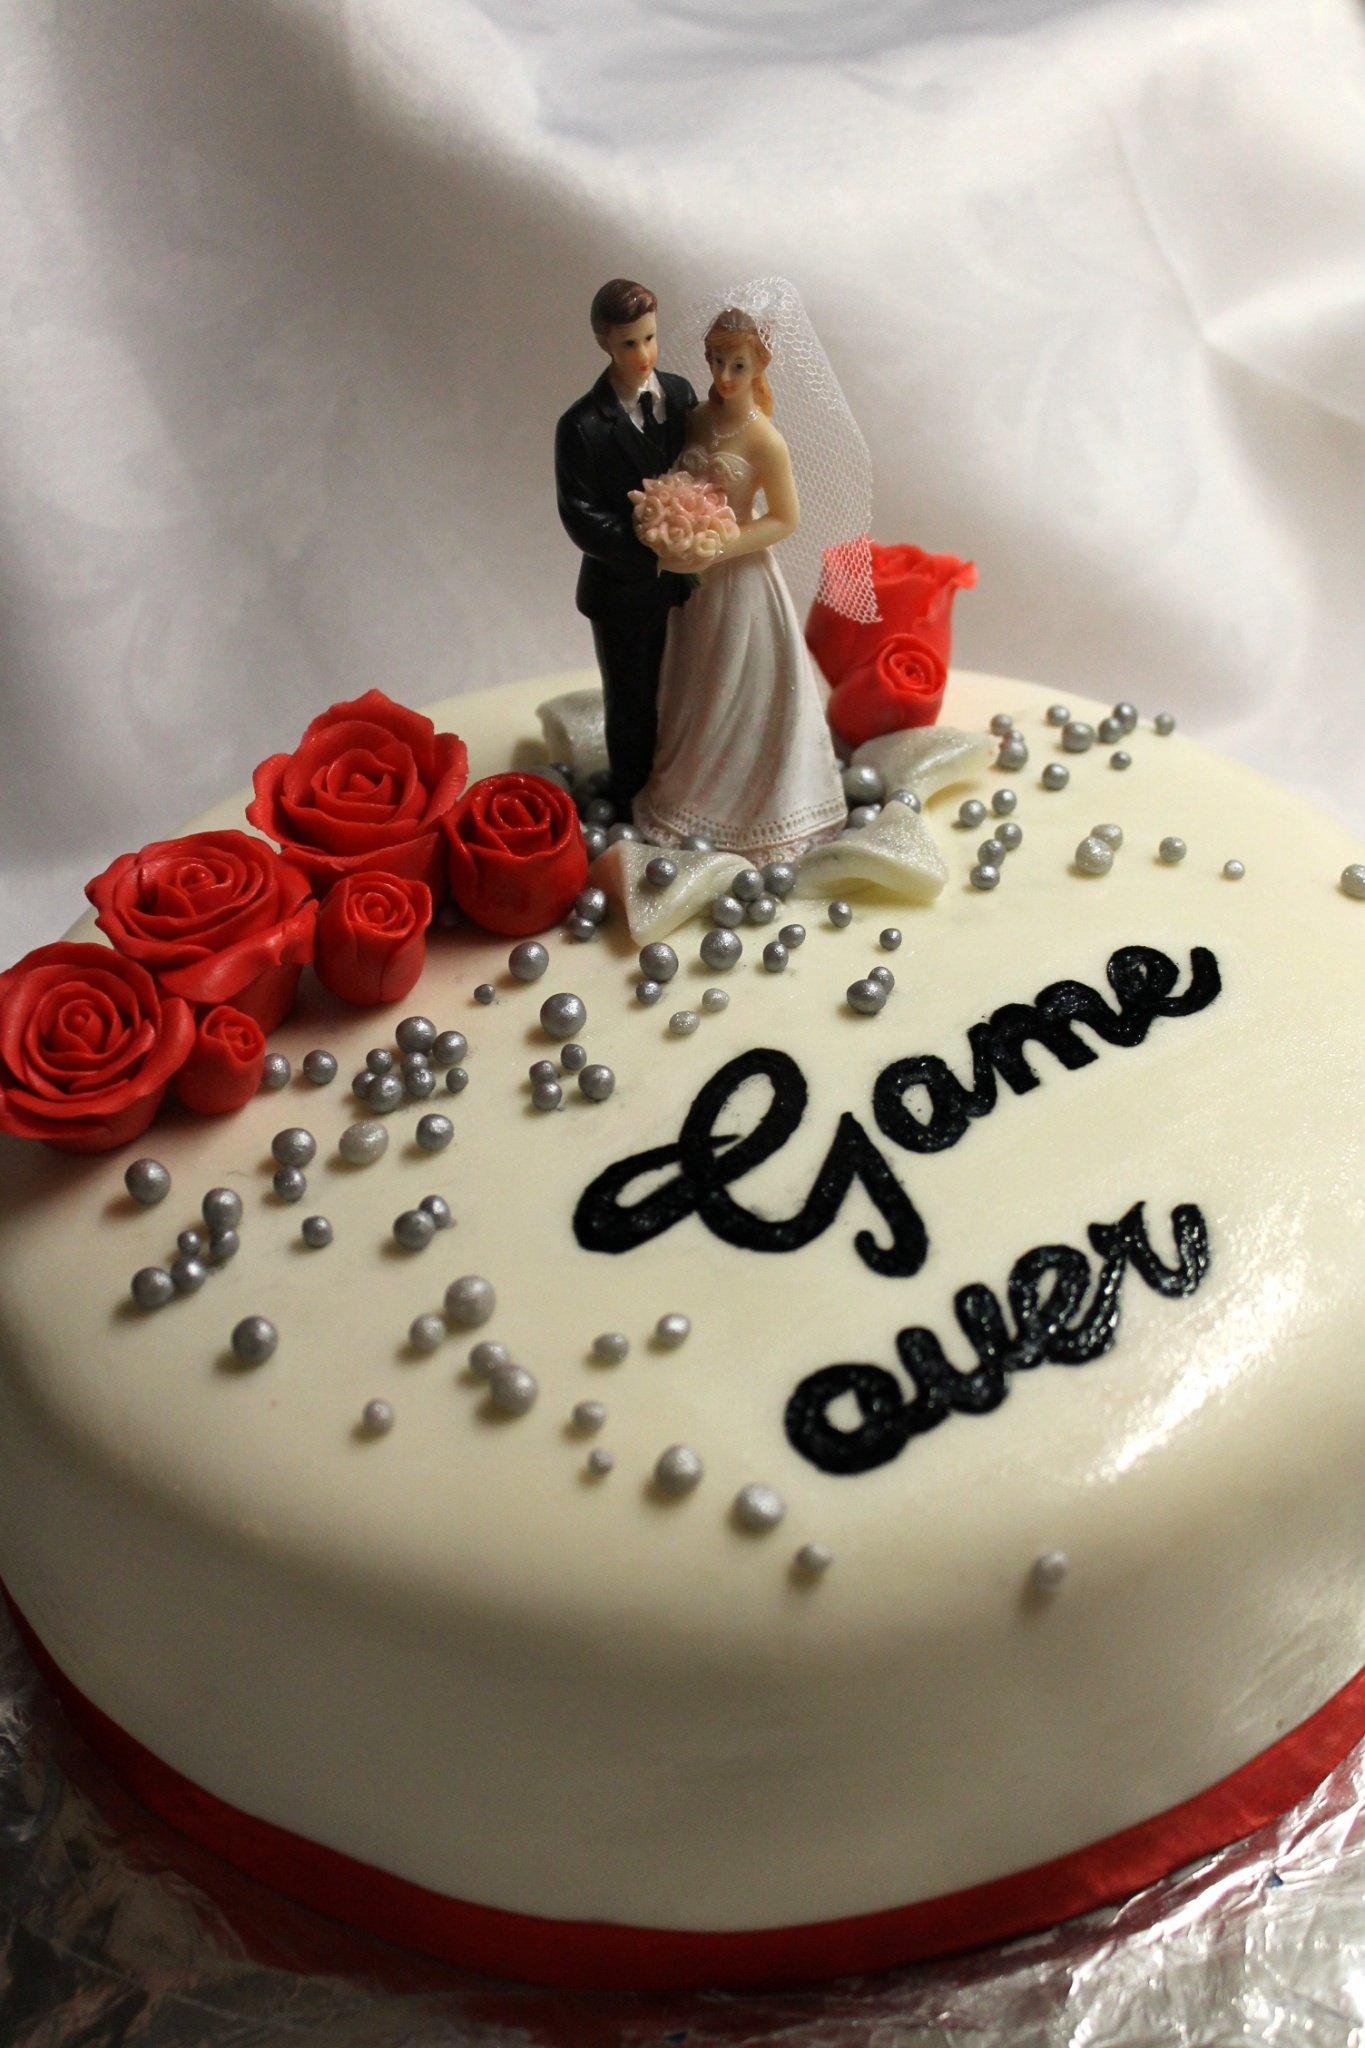 esküvői torta házilag Esküvői torta | Nassolda esküvői torta házilag